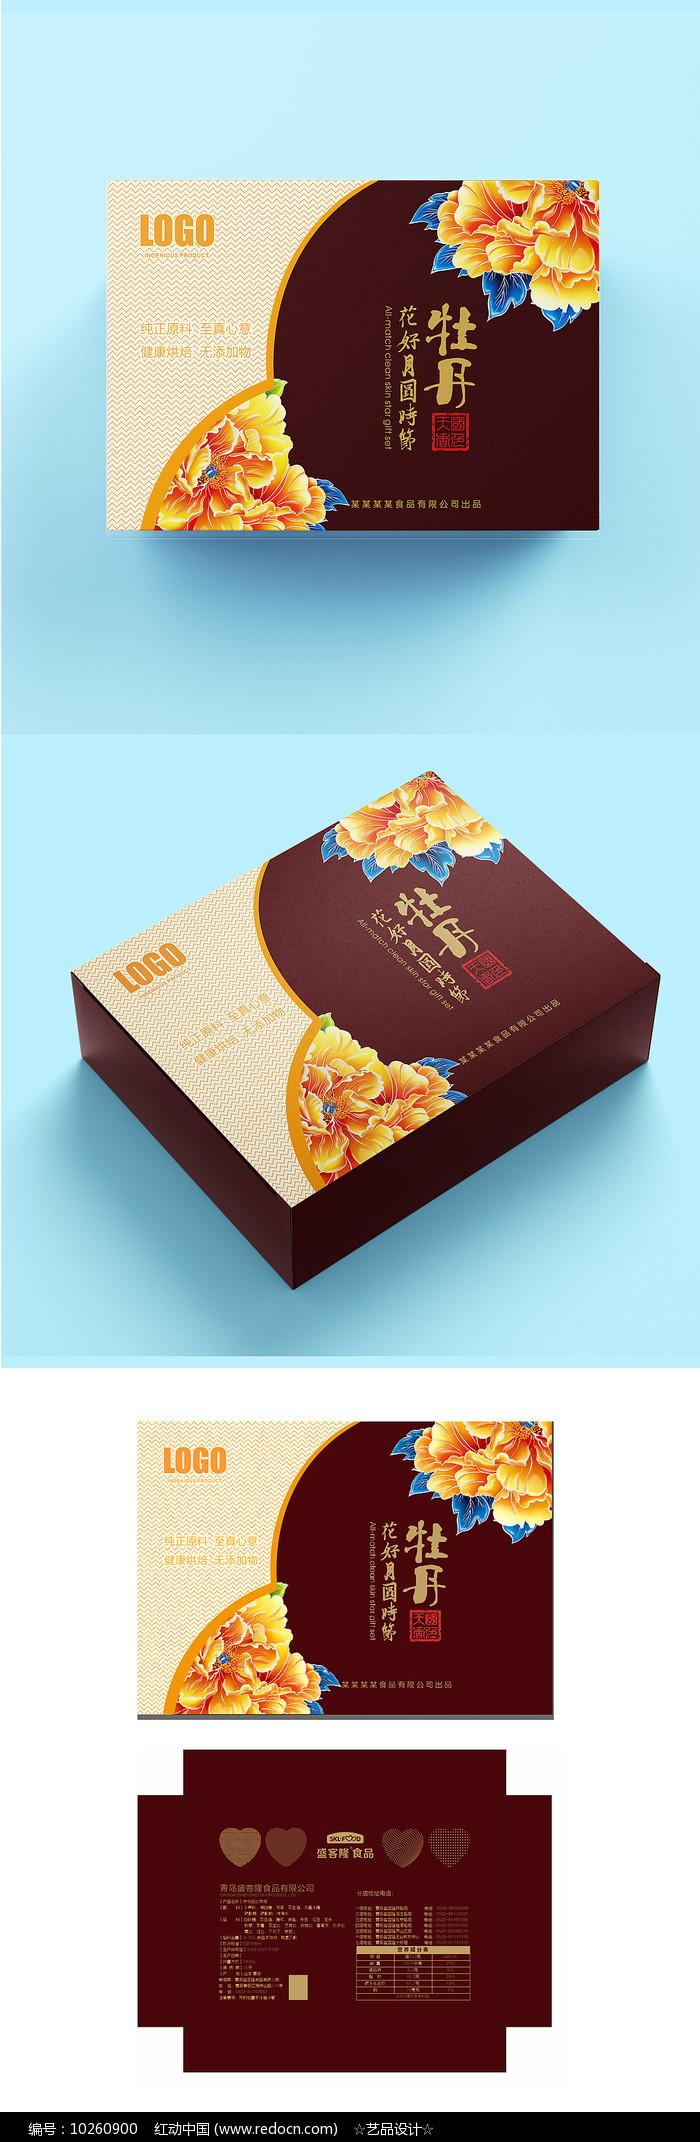 高端月饼盒黄色包装设计图片